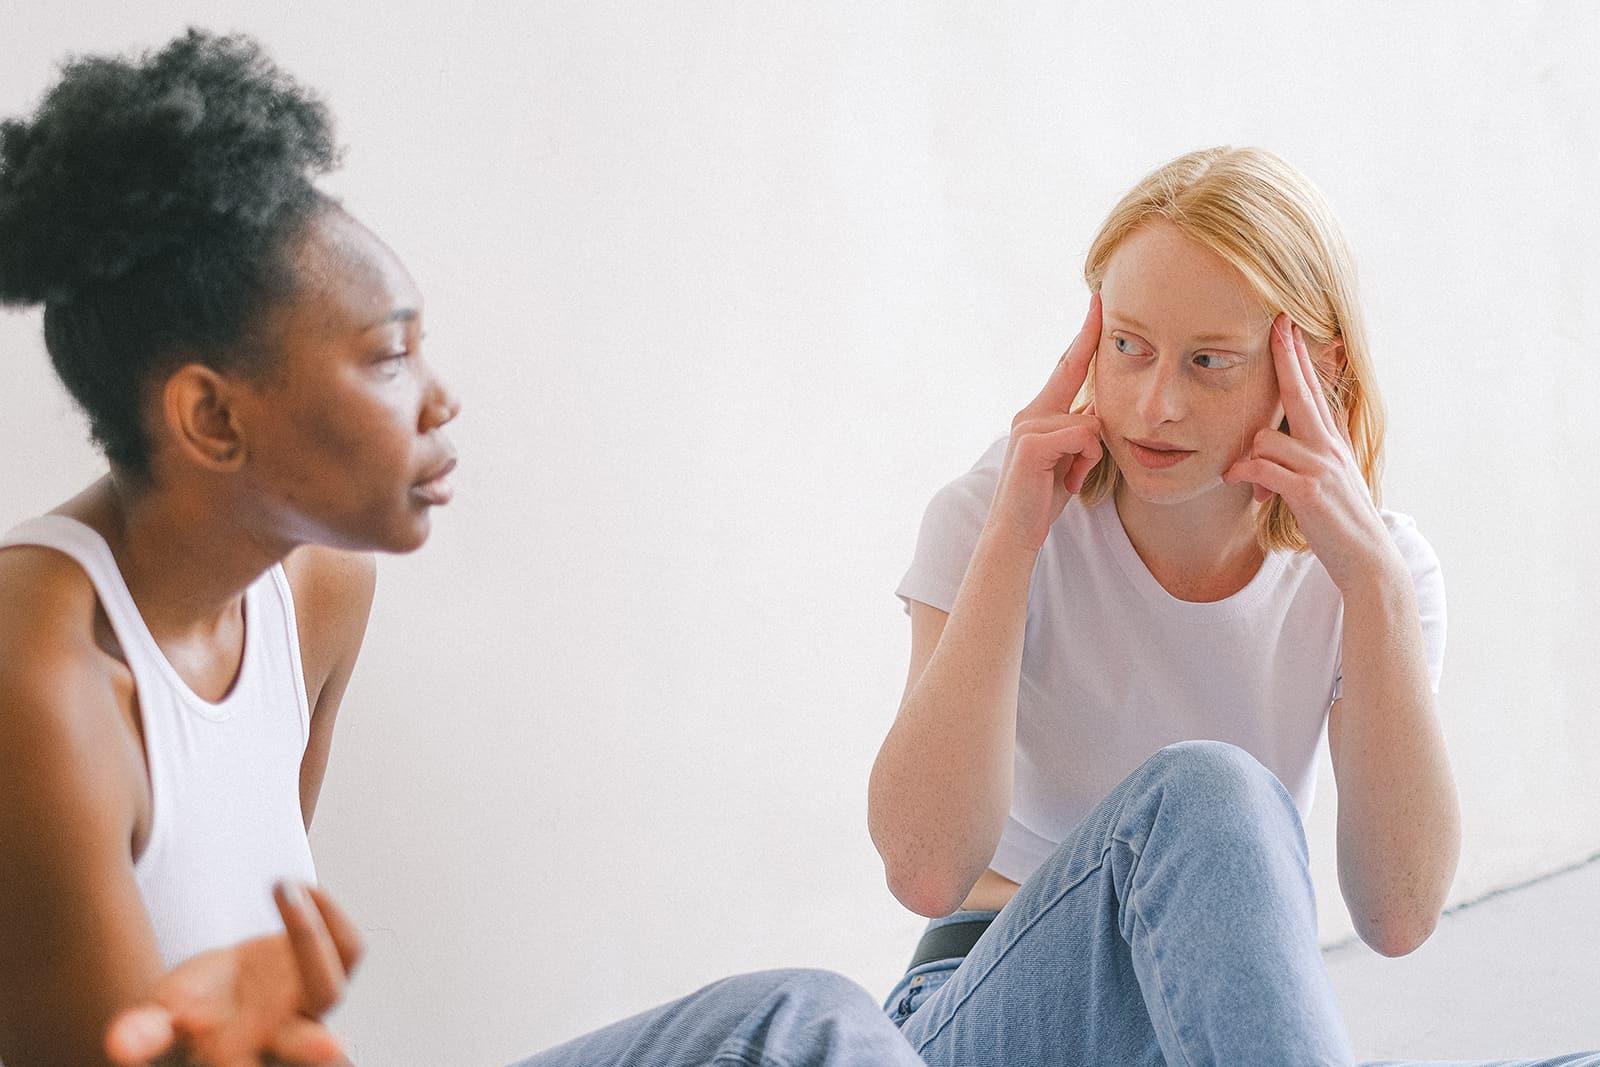 eine blonde Frau, die versucht, ihrer verwirrten Freundin etwas zu erklären